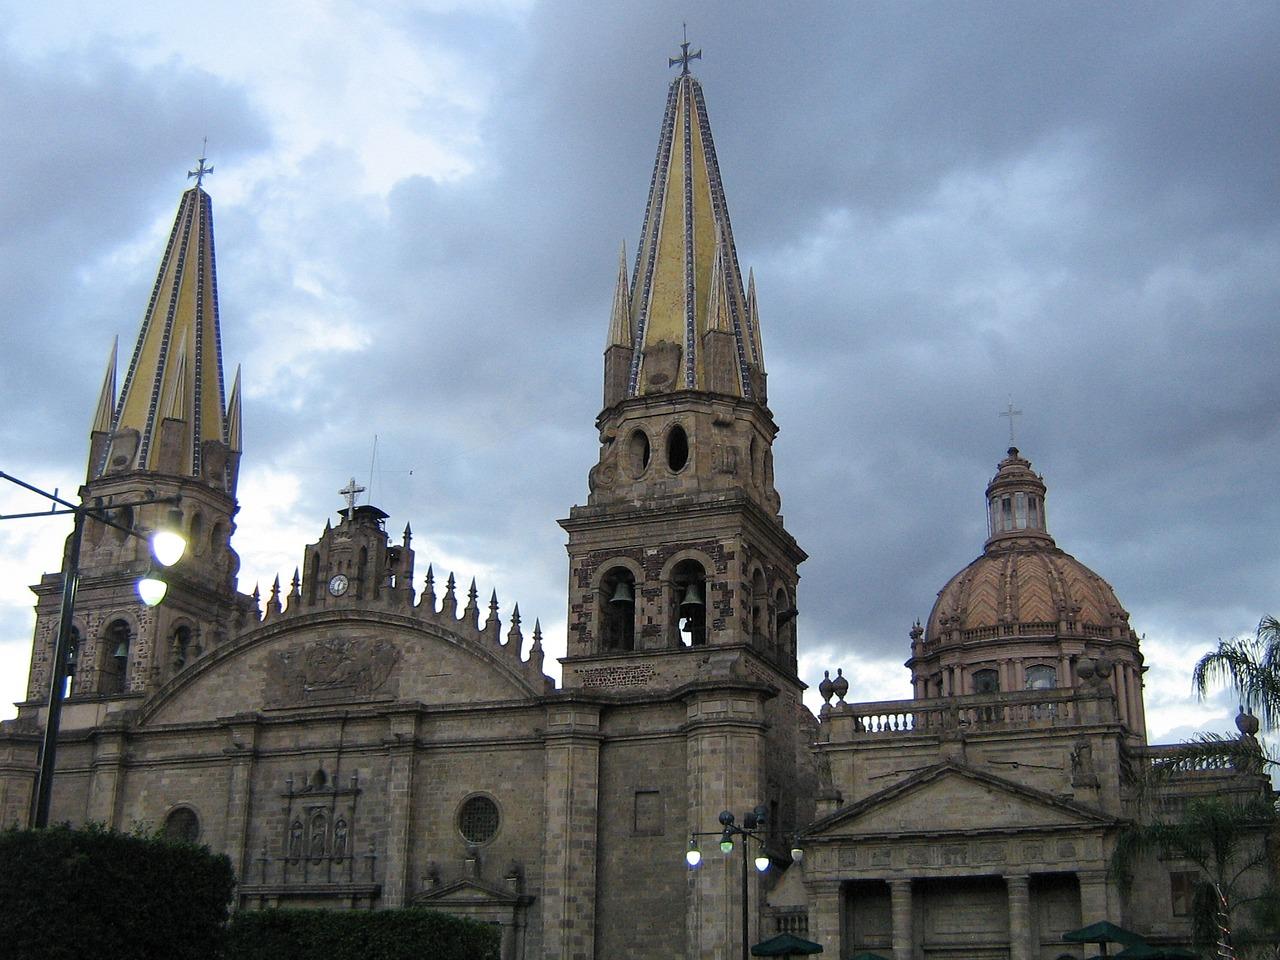 グアダラハラの観光おすすめスポットは?メキシコ第二の都市の人気見所!